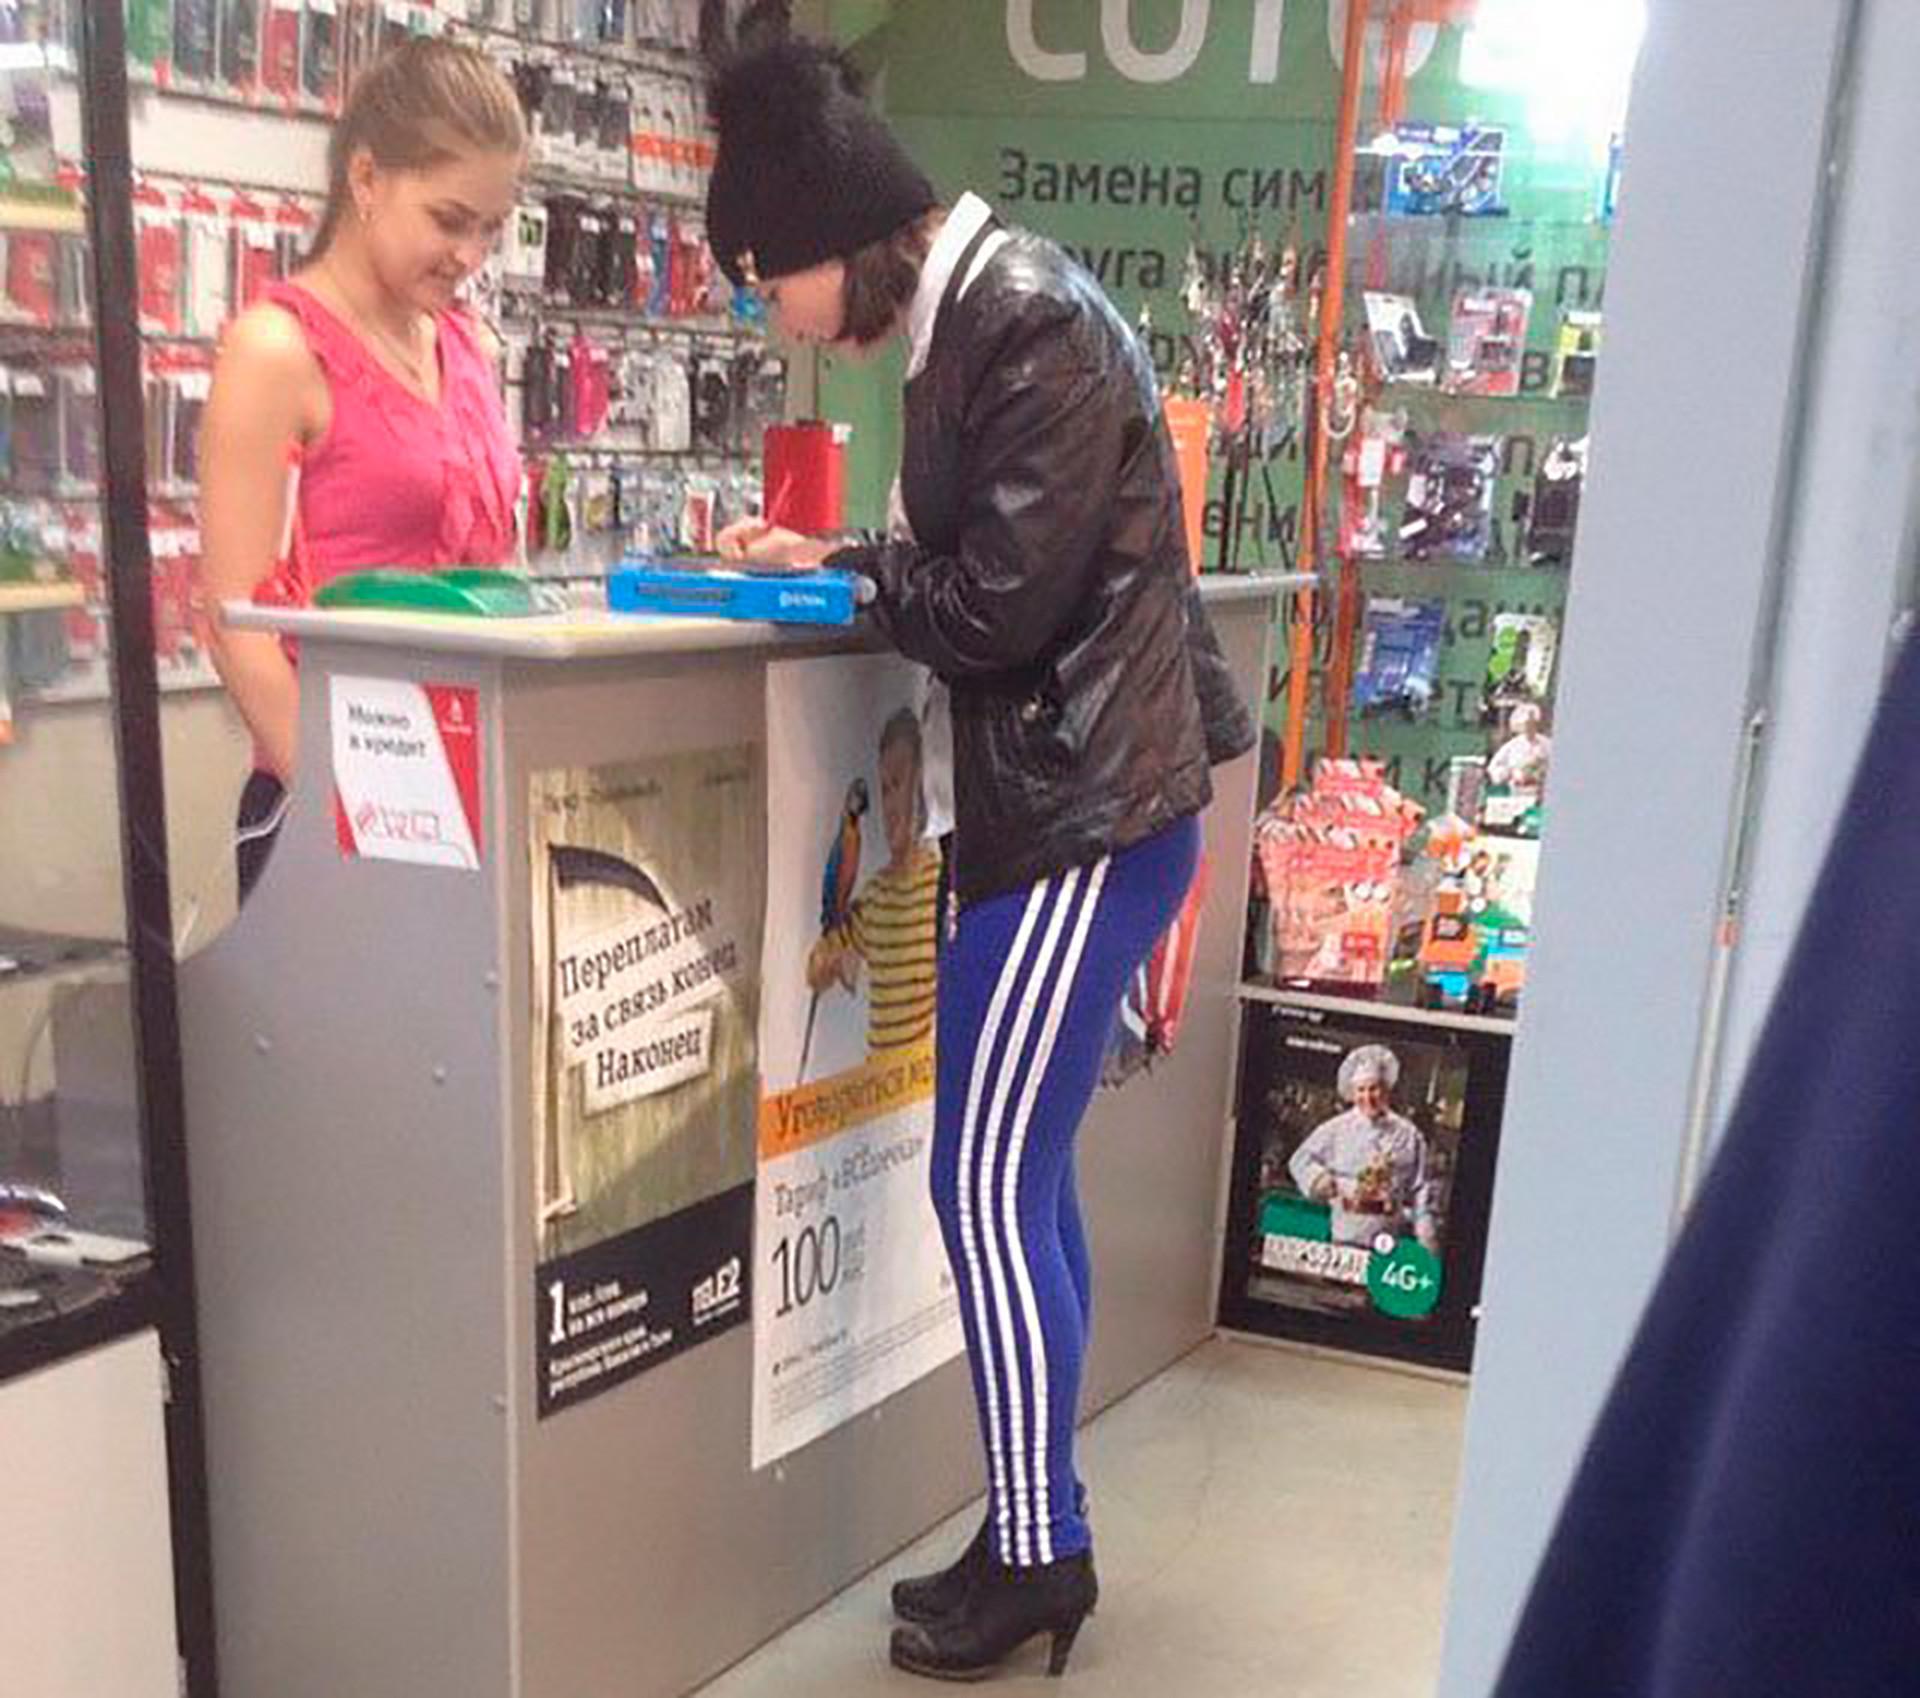 Ponekad Adidas paše čak i na visoke potpetice. (Ustvari, ne paše uopće, ali koga briga, to je Rusija).